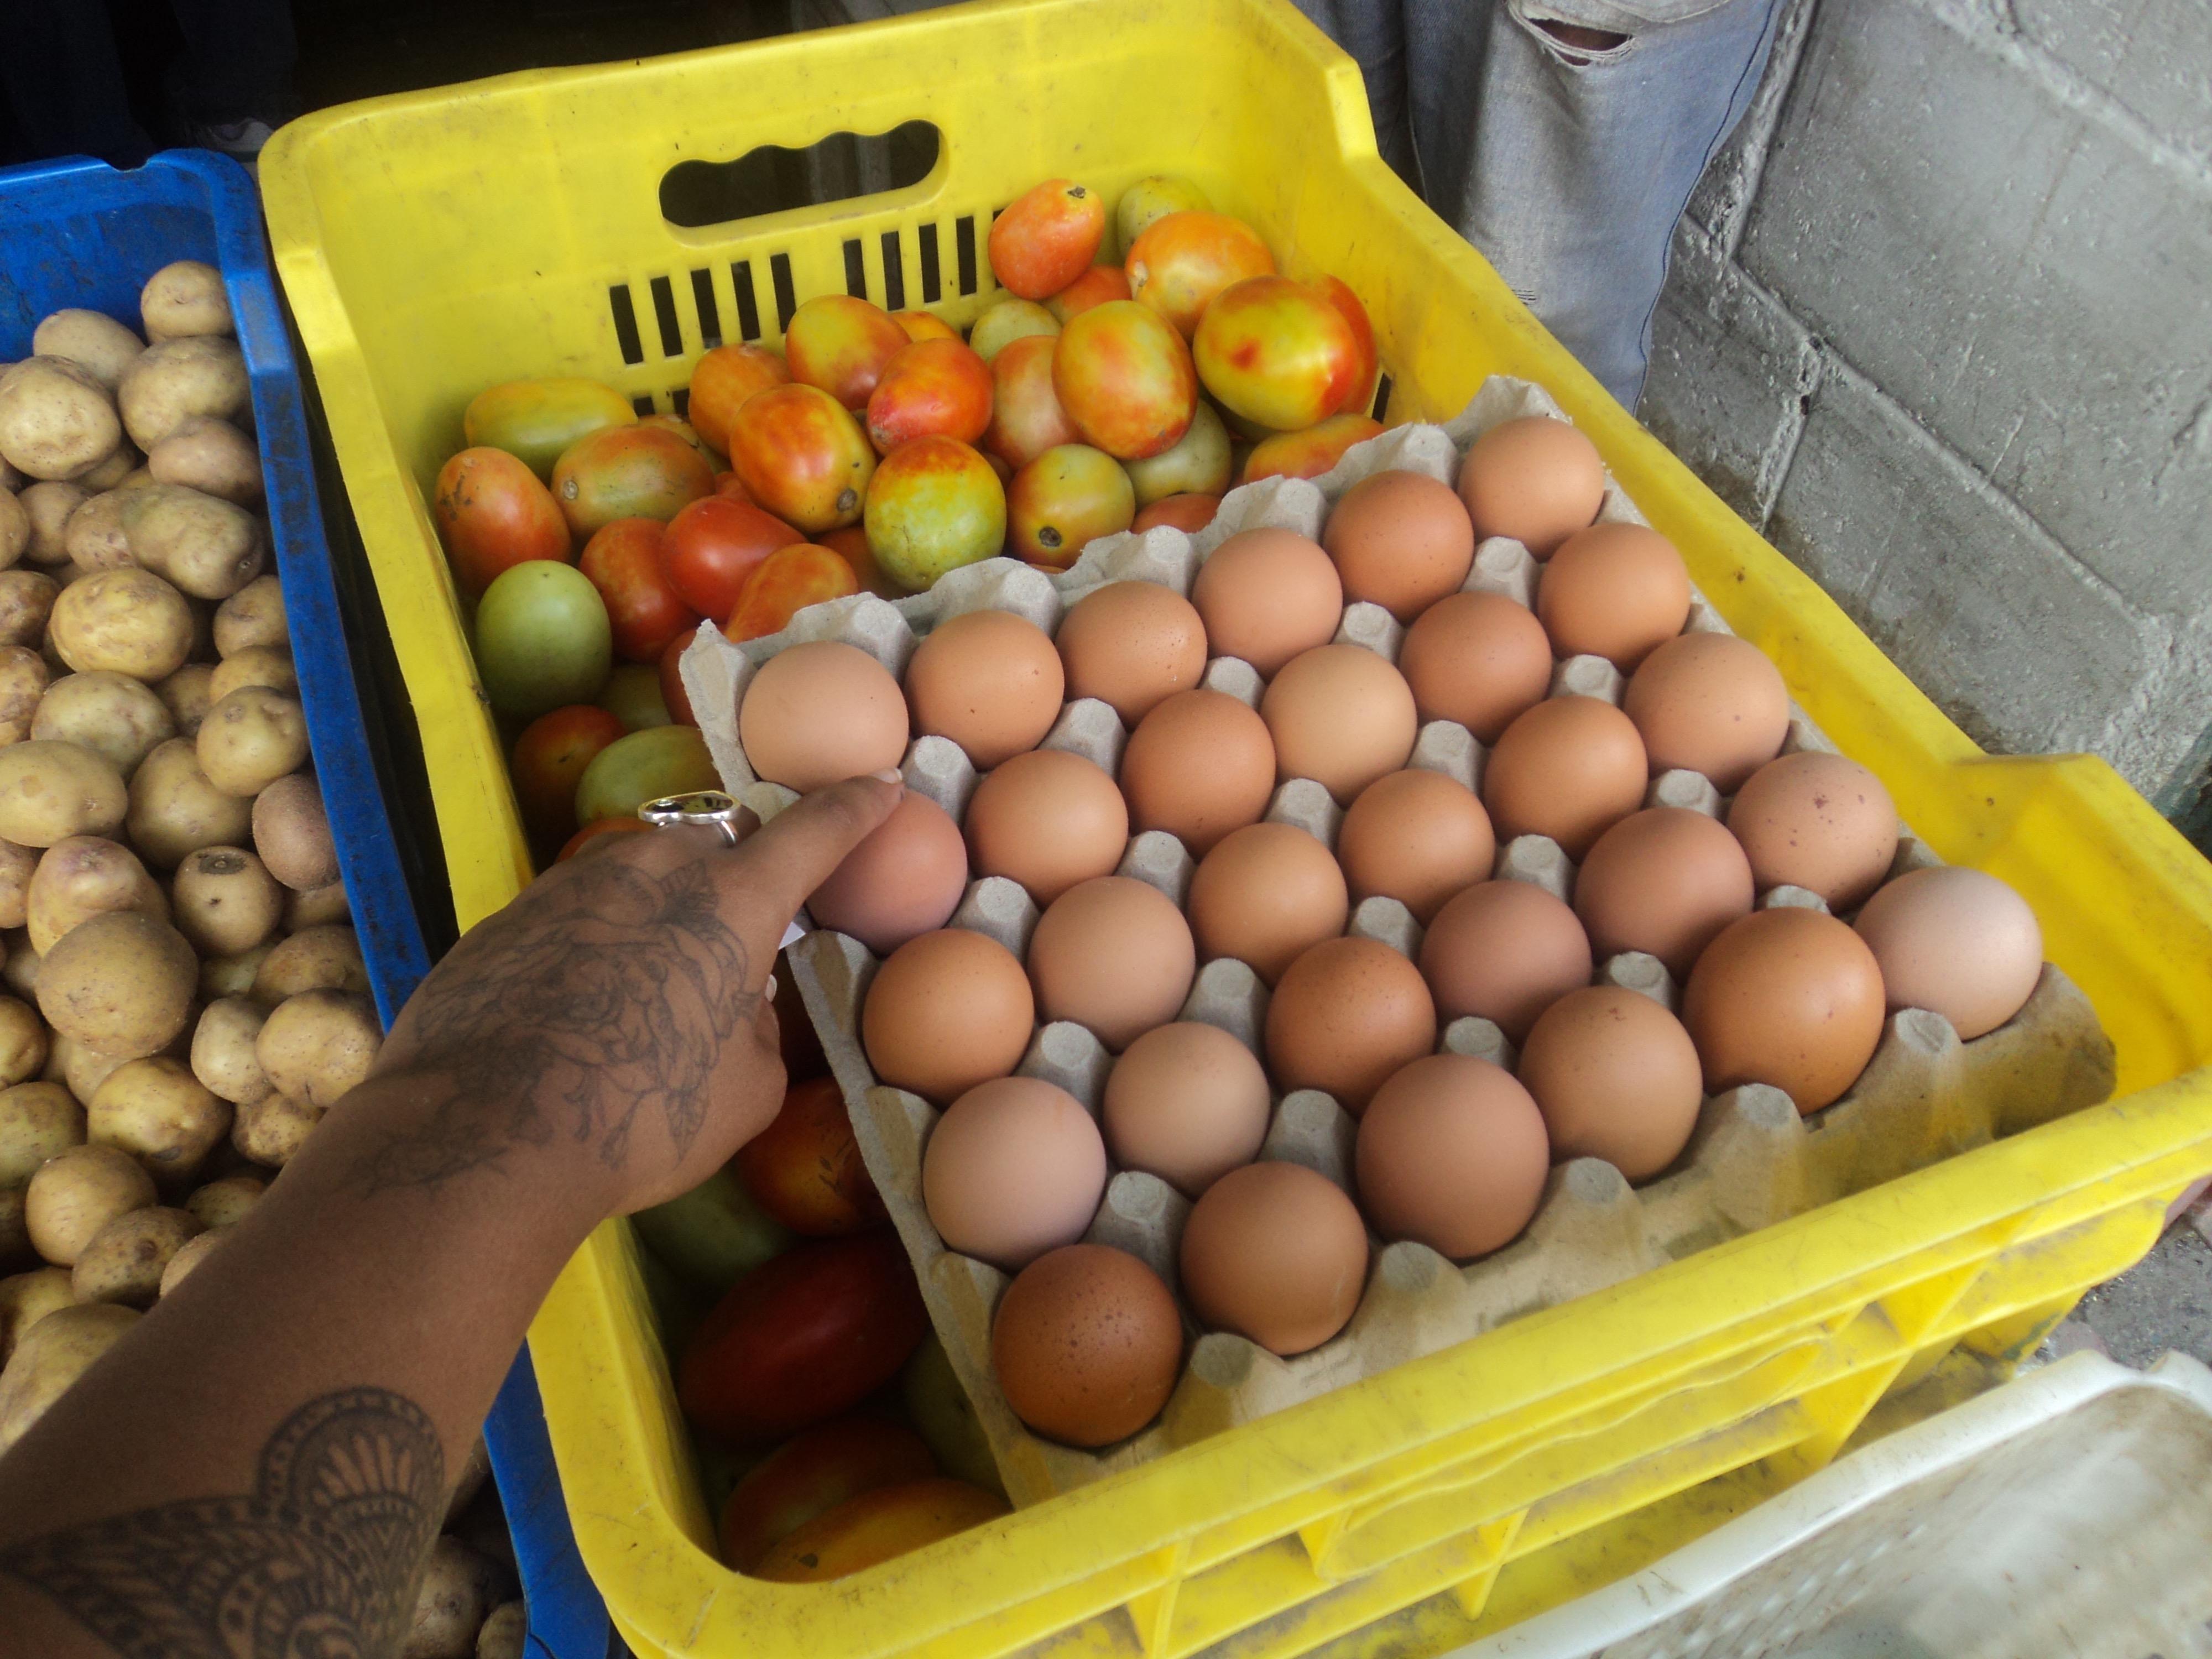 Huevos encabezan los productos m s vendidos diario avance - Articulos mas vendidos ...